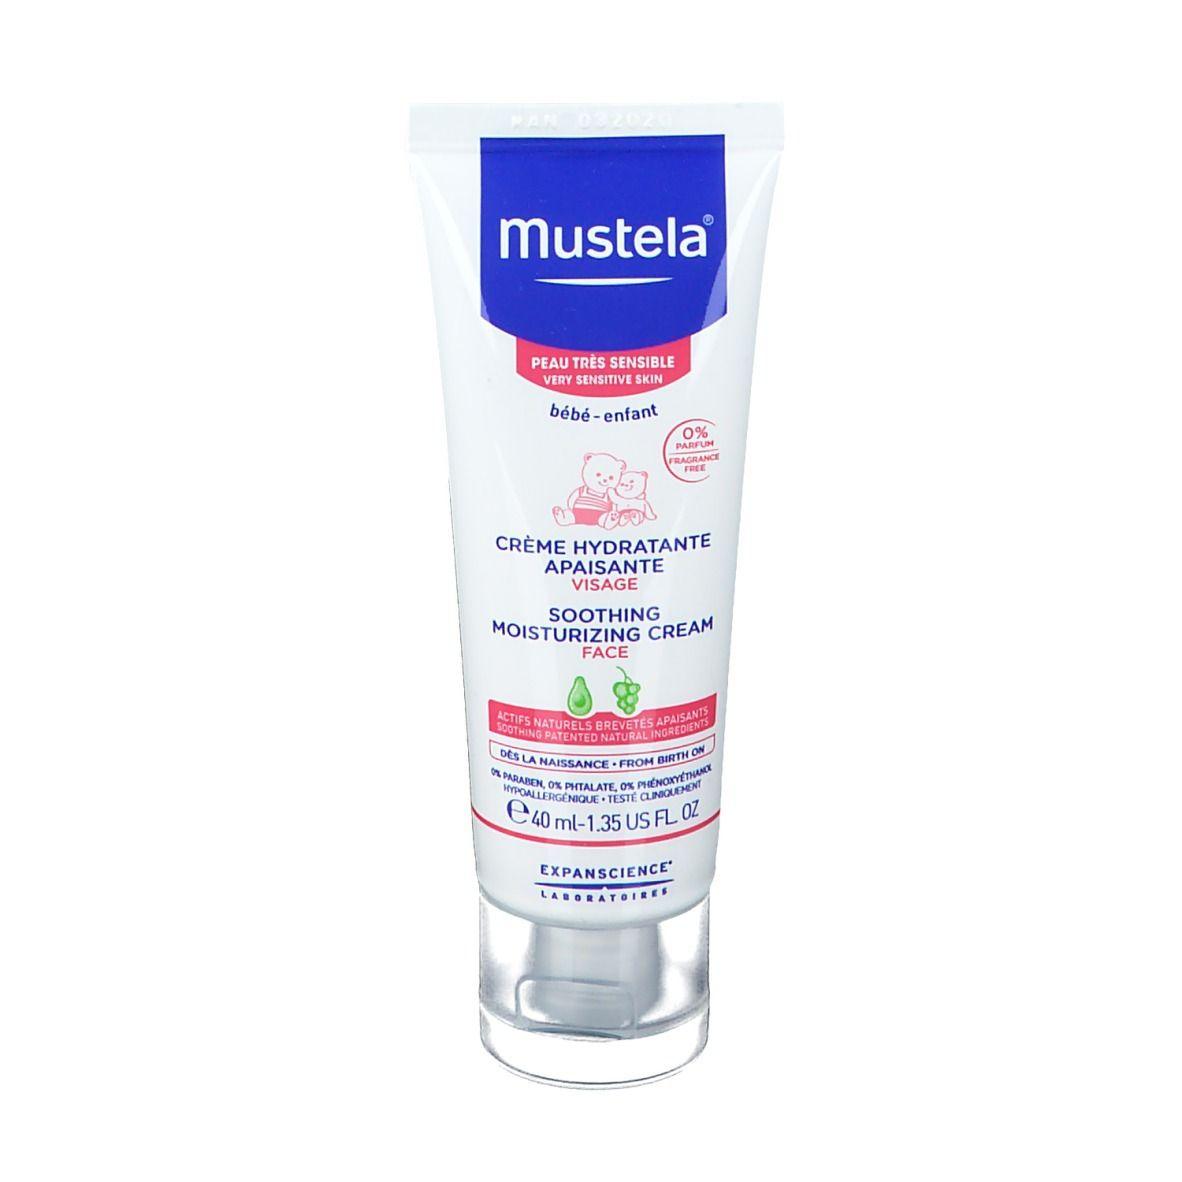 mustela® Crème hydratante apaisante